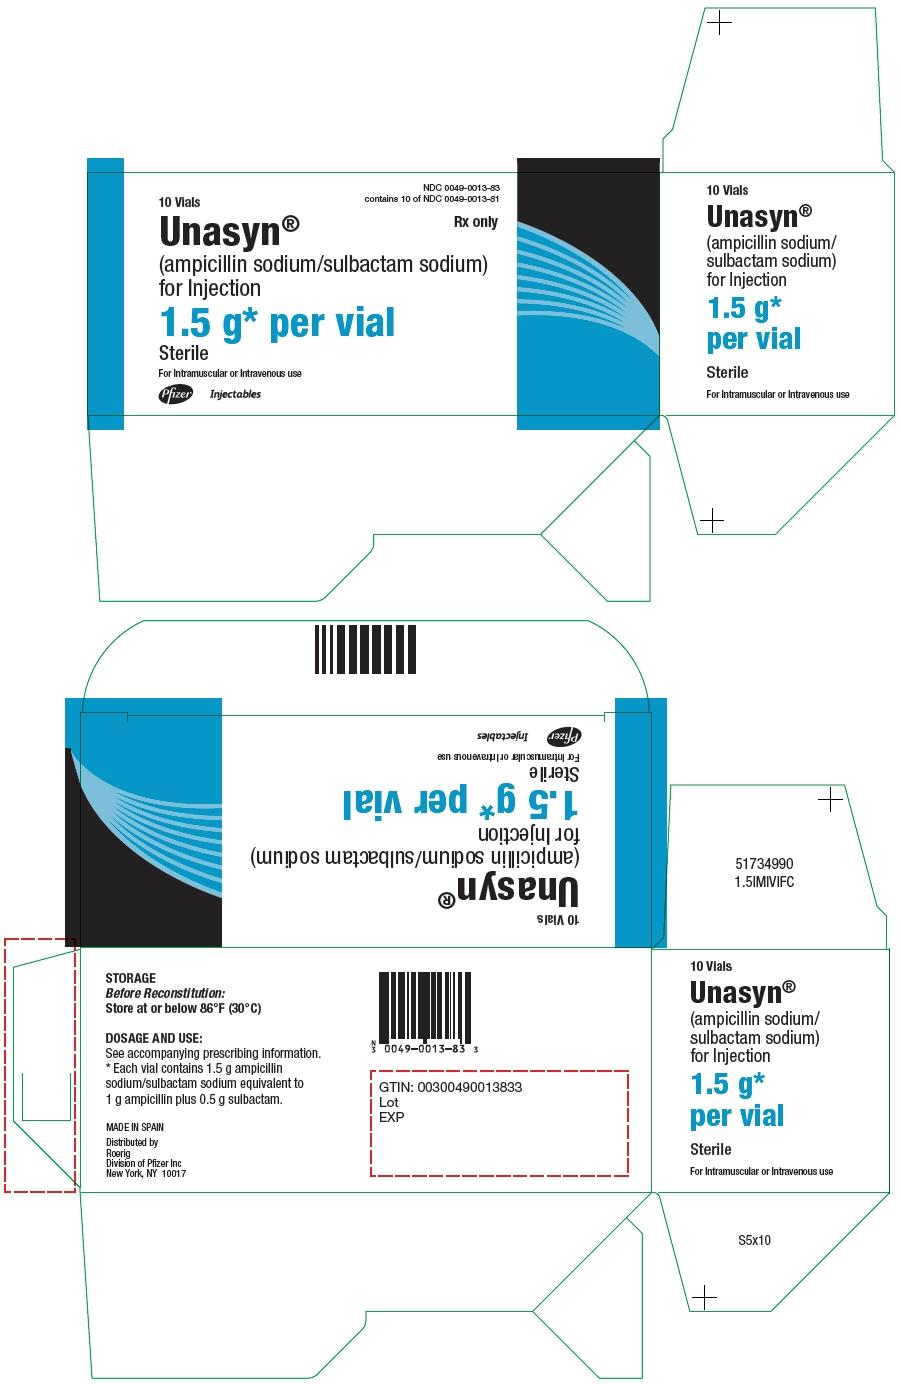 PRINCIPAL DISPLAY PANEL - 10 x 1.5 g Vial Carton